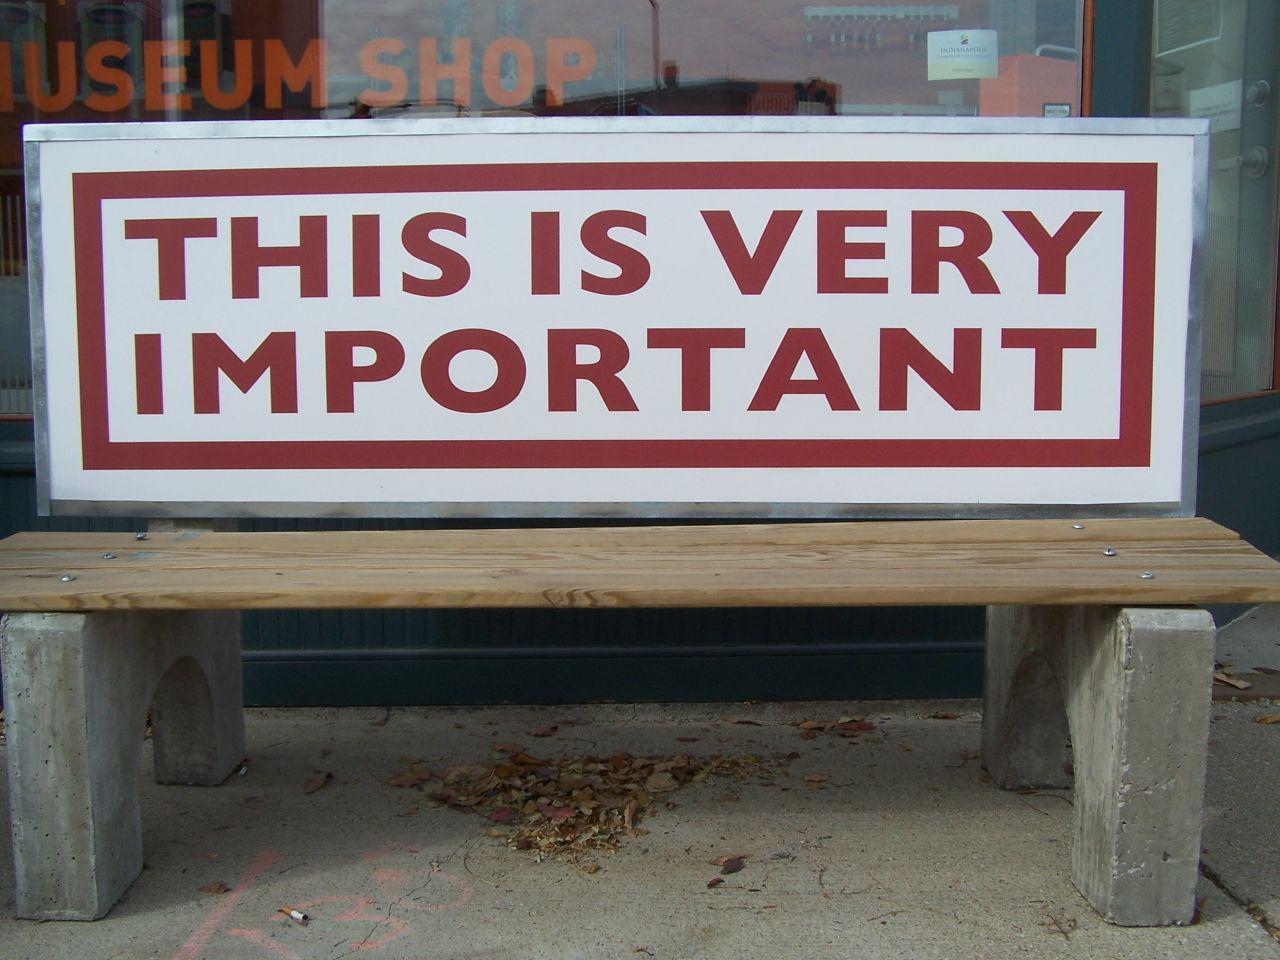 Ein großes Schild auf einer Sitzbank, das auf eine wichtige Sache hinweist.